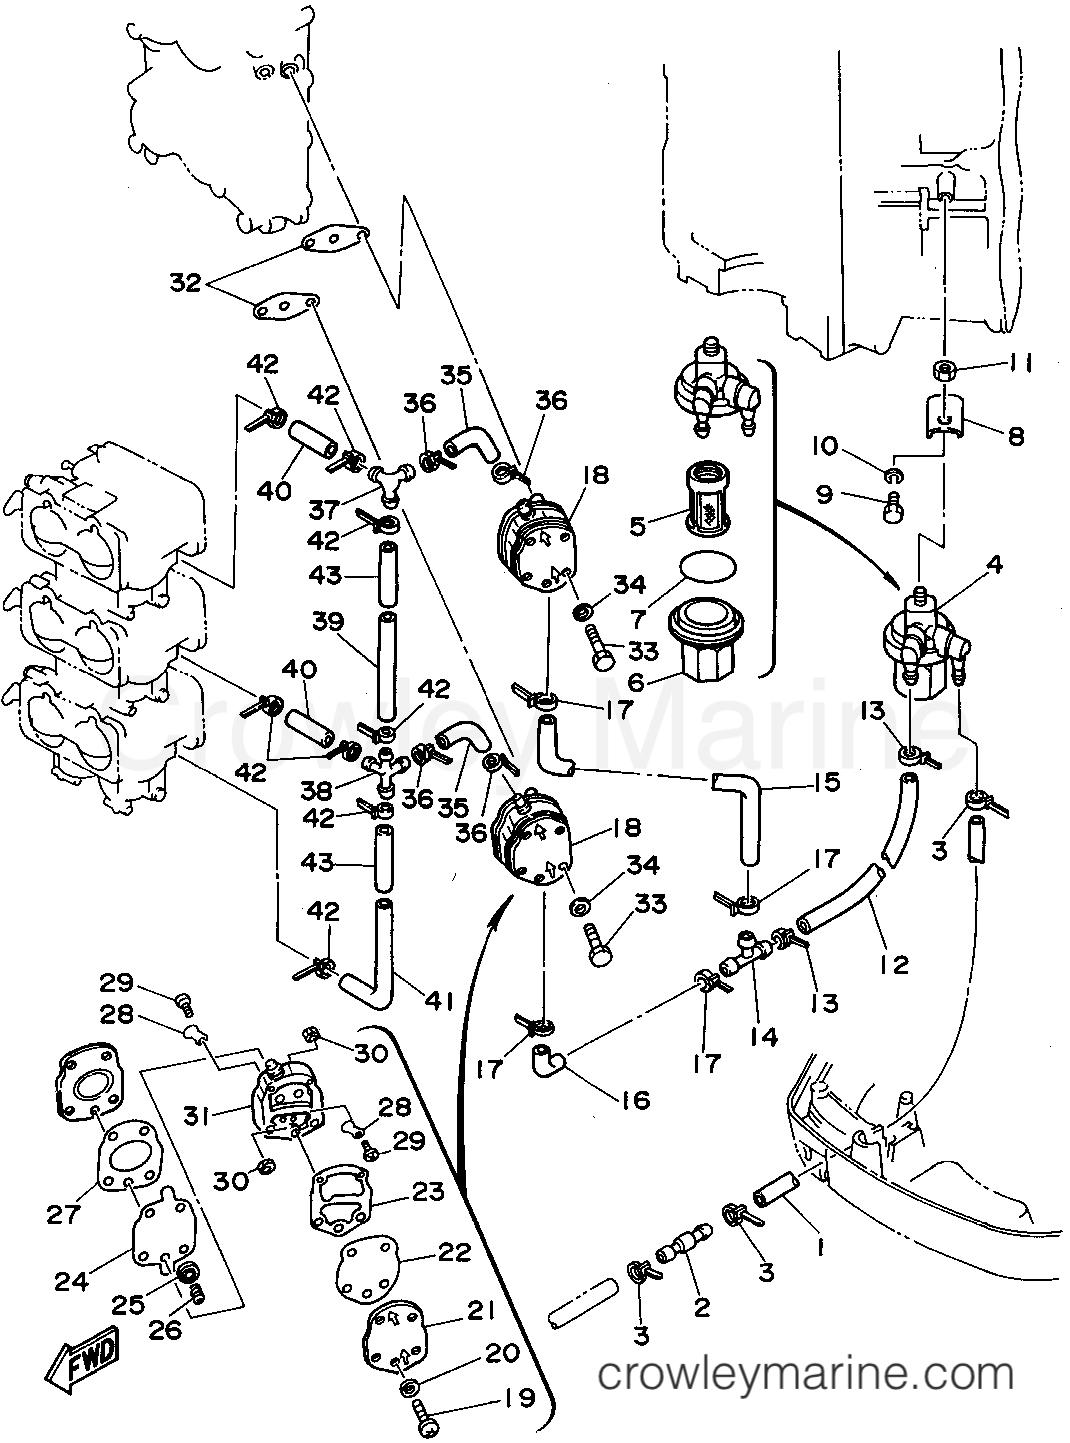 tags: #yamaha outboard parts diagram#yamaha outboard schematics#yamaha  outboard electrical diagram#yamaha marine outboard wiring diagram#yamaha  250 outboard